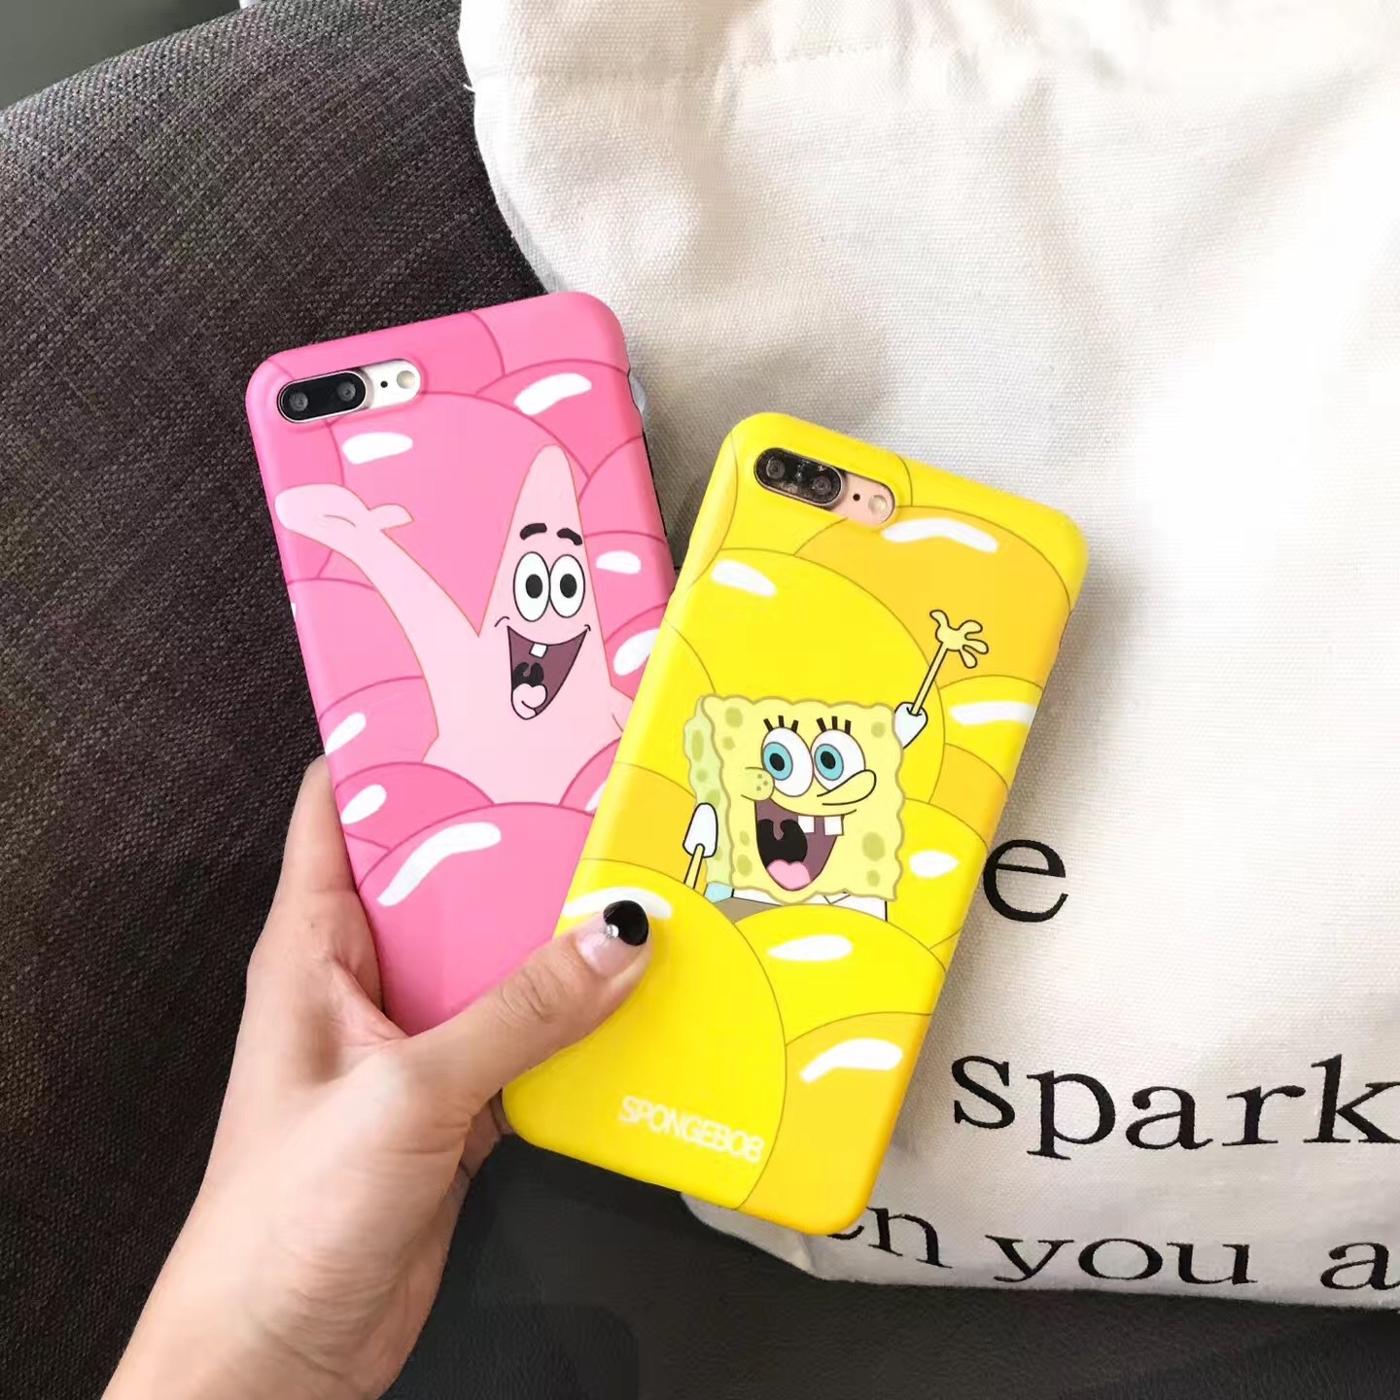 iPhone手機殼可掛繩海綿寶寶派大星矽膠軟殼蘋果iPhone7 iPhone6手機殼